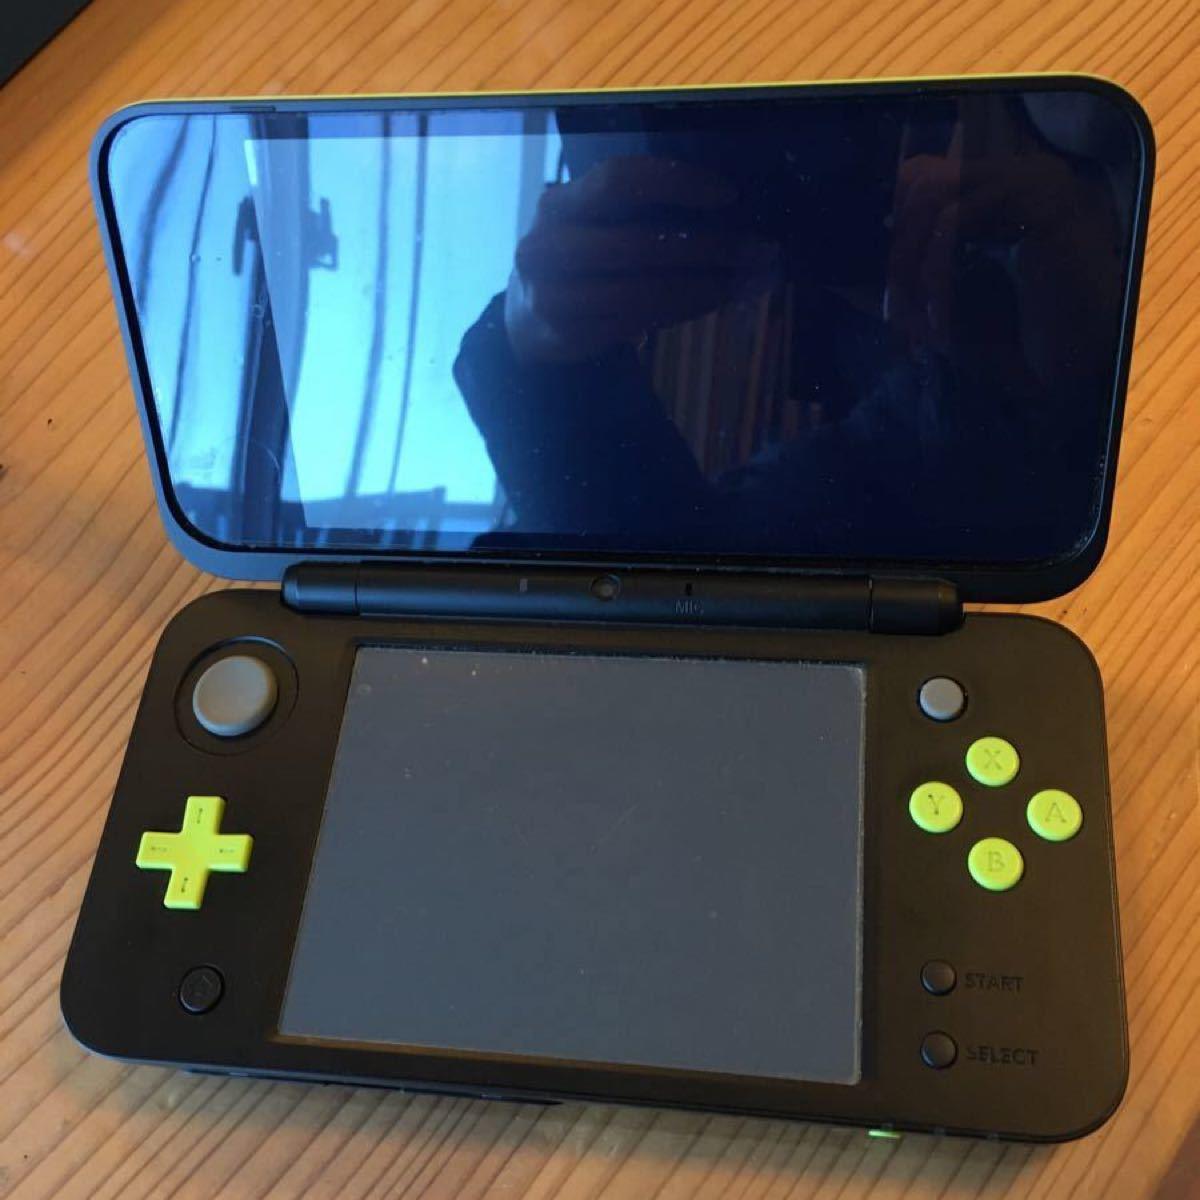 Nintendo ニンテンドー2DS 任天堂 ACアダプタ、収納ケースのおまけ付き!※お値下げ不可m(_ _)m